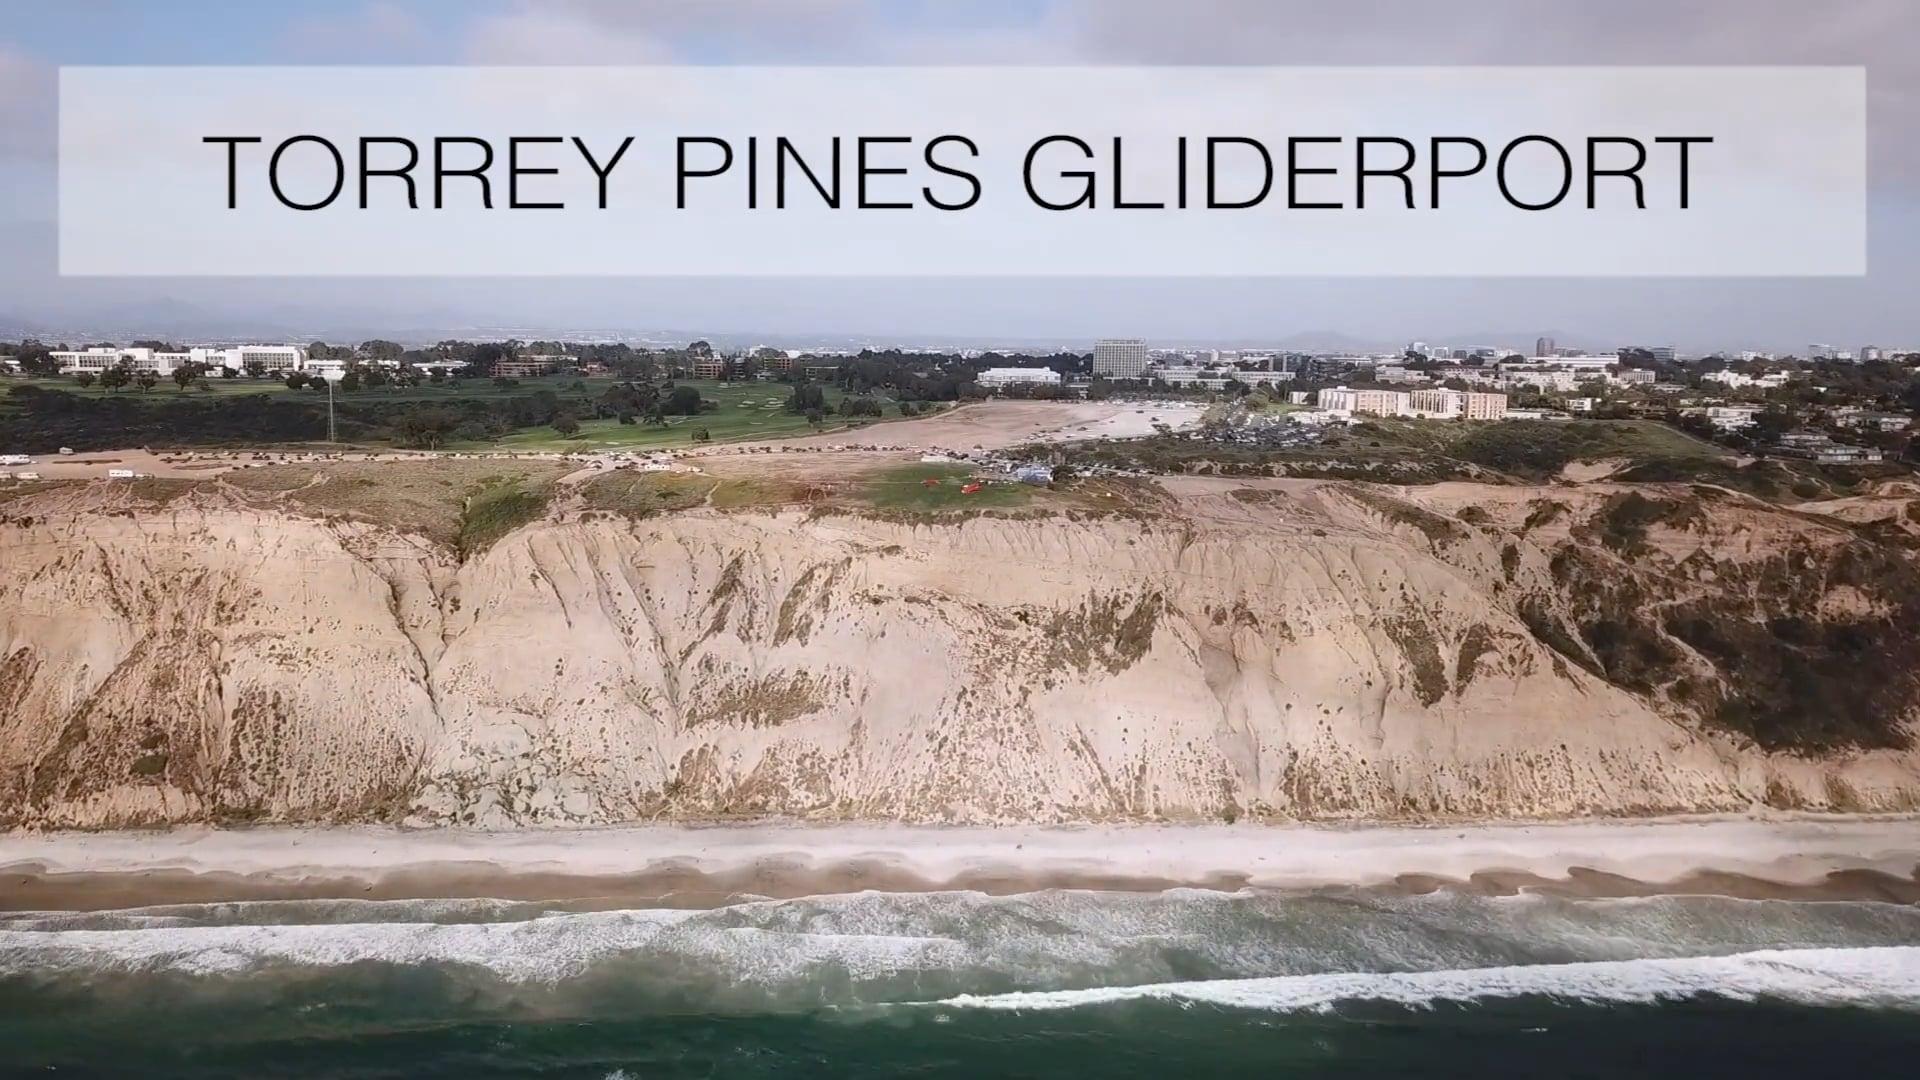 Torrey Pines Gliderport - Orientation